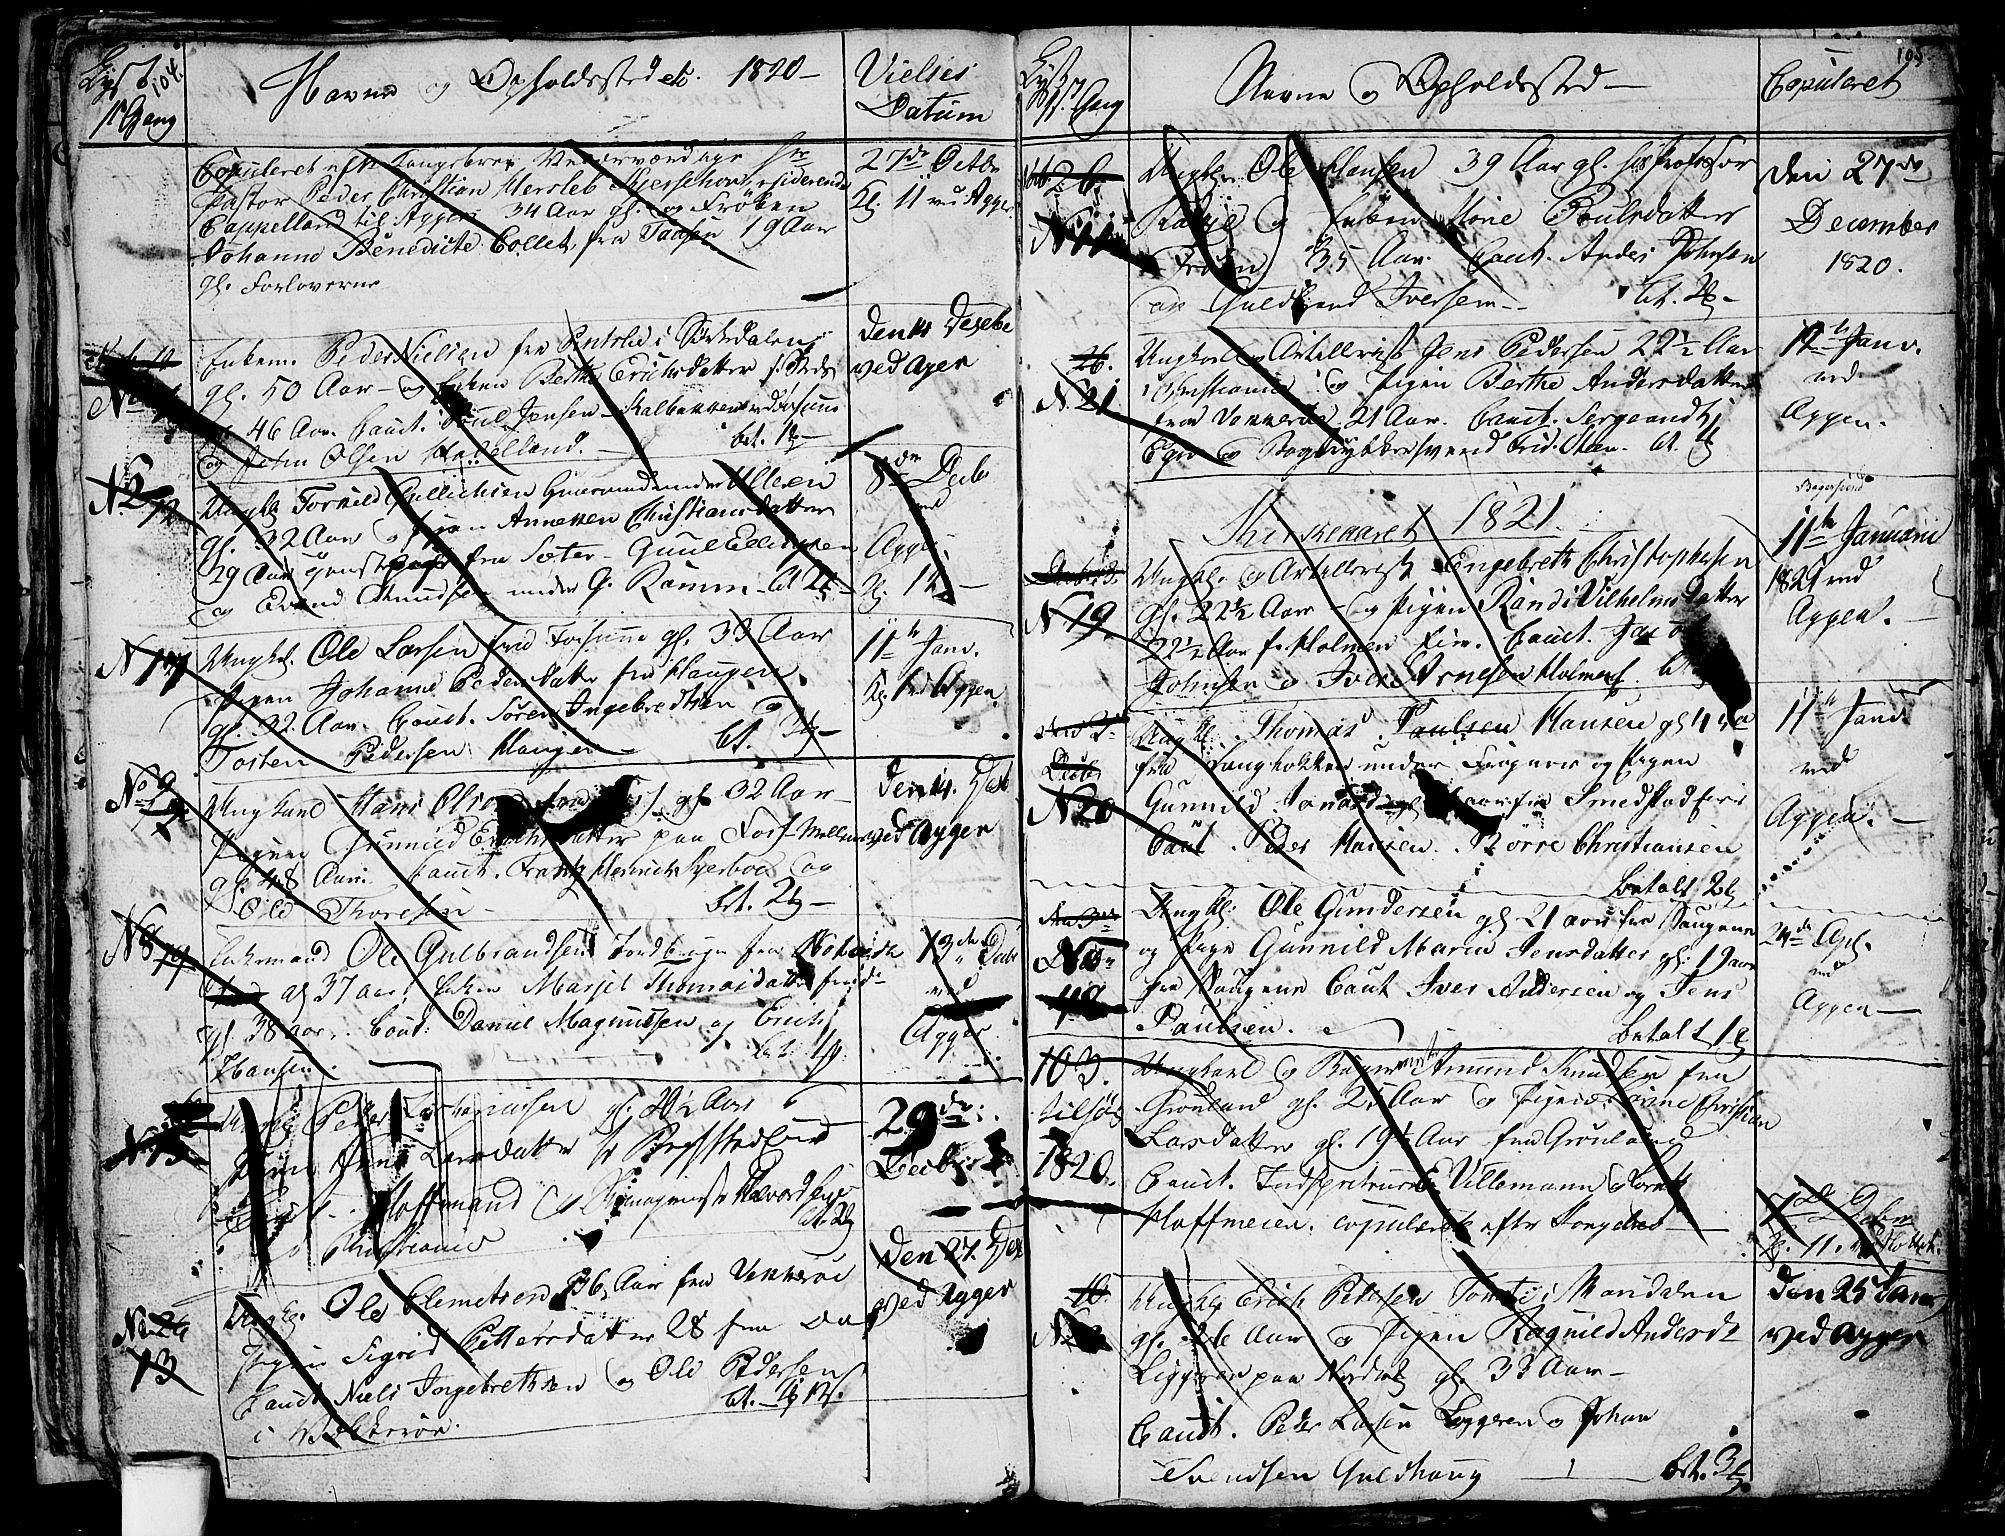 SAO, Aker prestekontor kirkebøker, G/L0001: Klokkerbok nr. 1, 1796-1826, s. 104-105